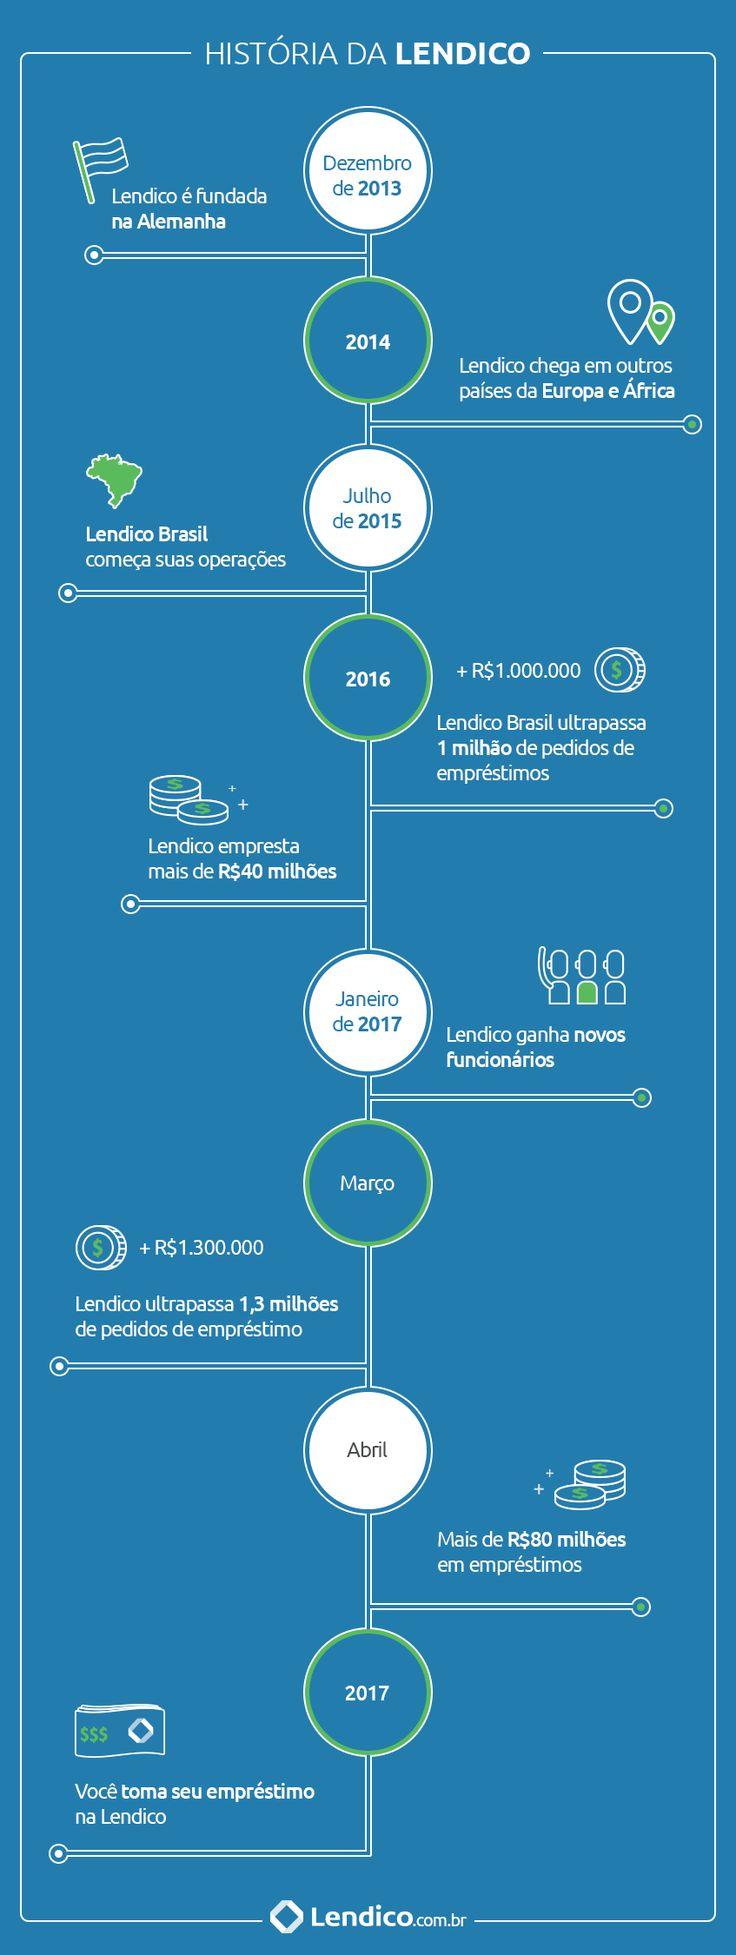 Você já conhece a história da Lendico Brasil? Estamos no Brasil há quase 2 anos proporcionando empréstimo pessoal com juros baixos.